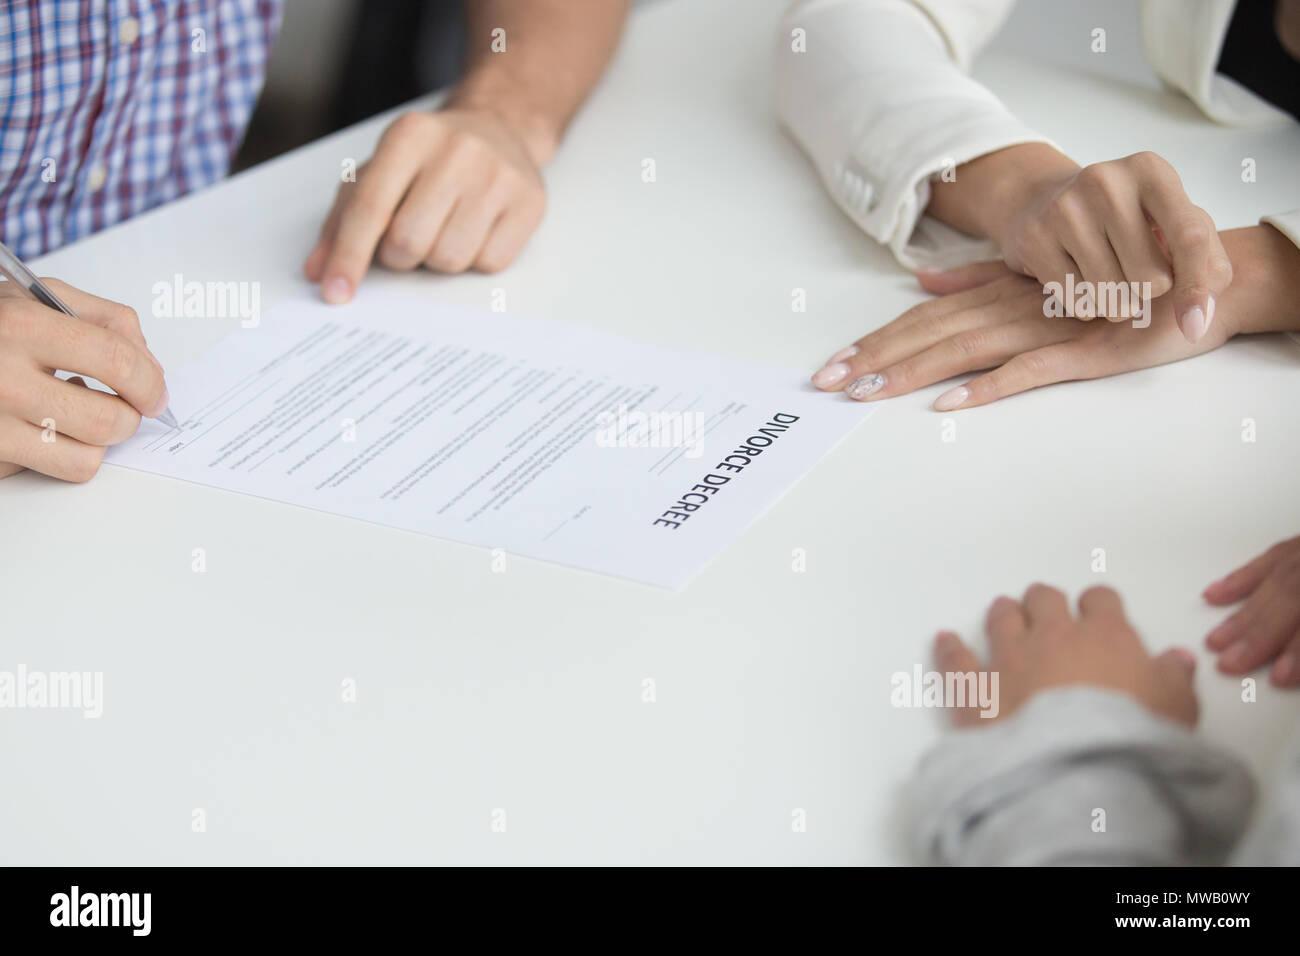 Il marito di firma il decreto di divorzio dando il permesso al matrimonio dis Immagini Stock